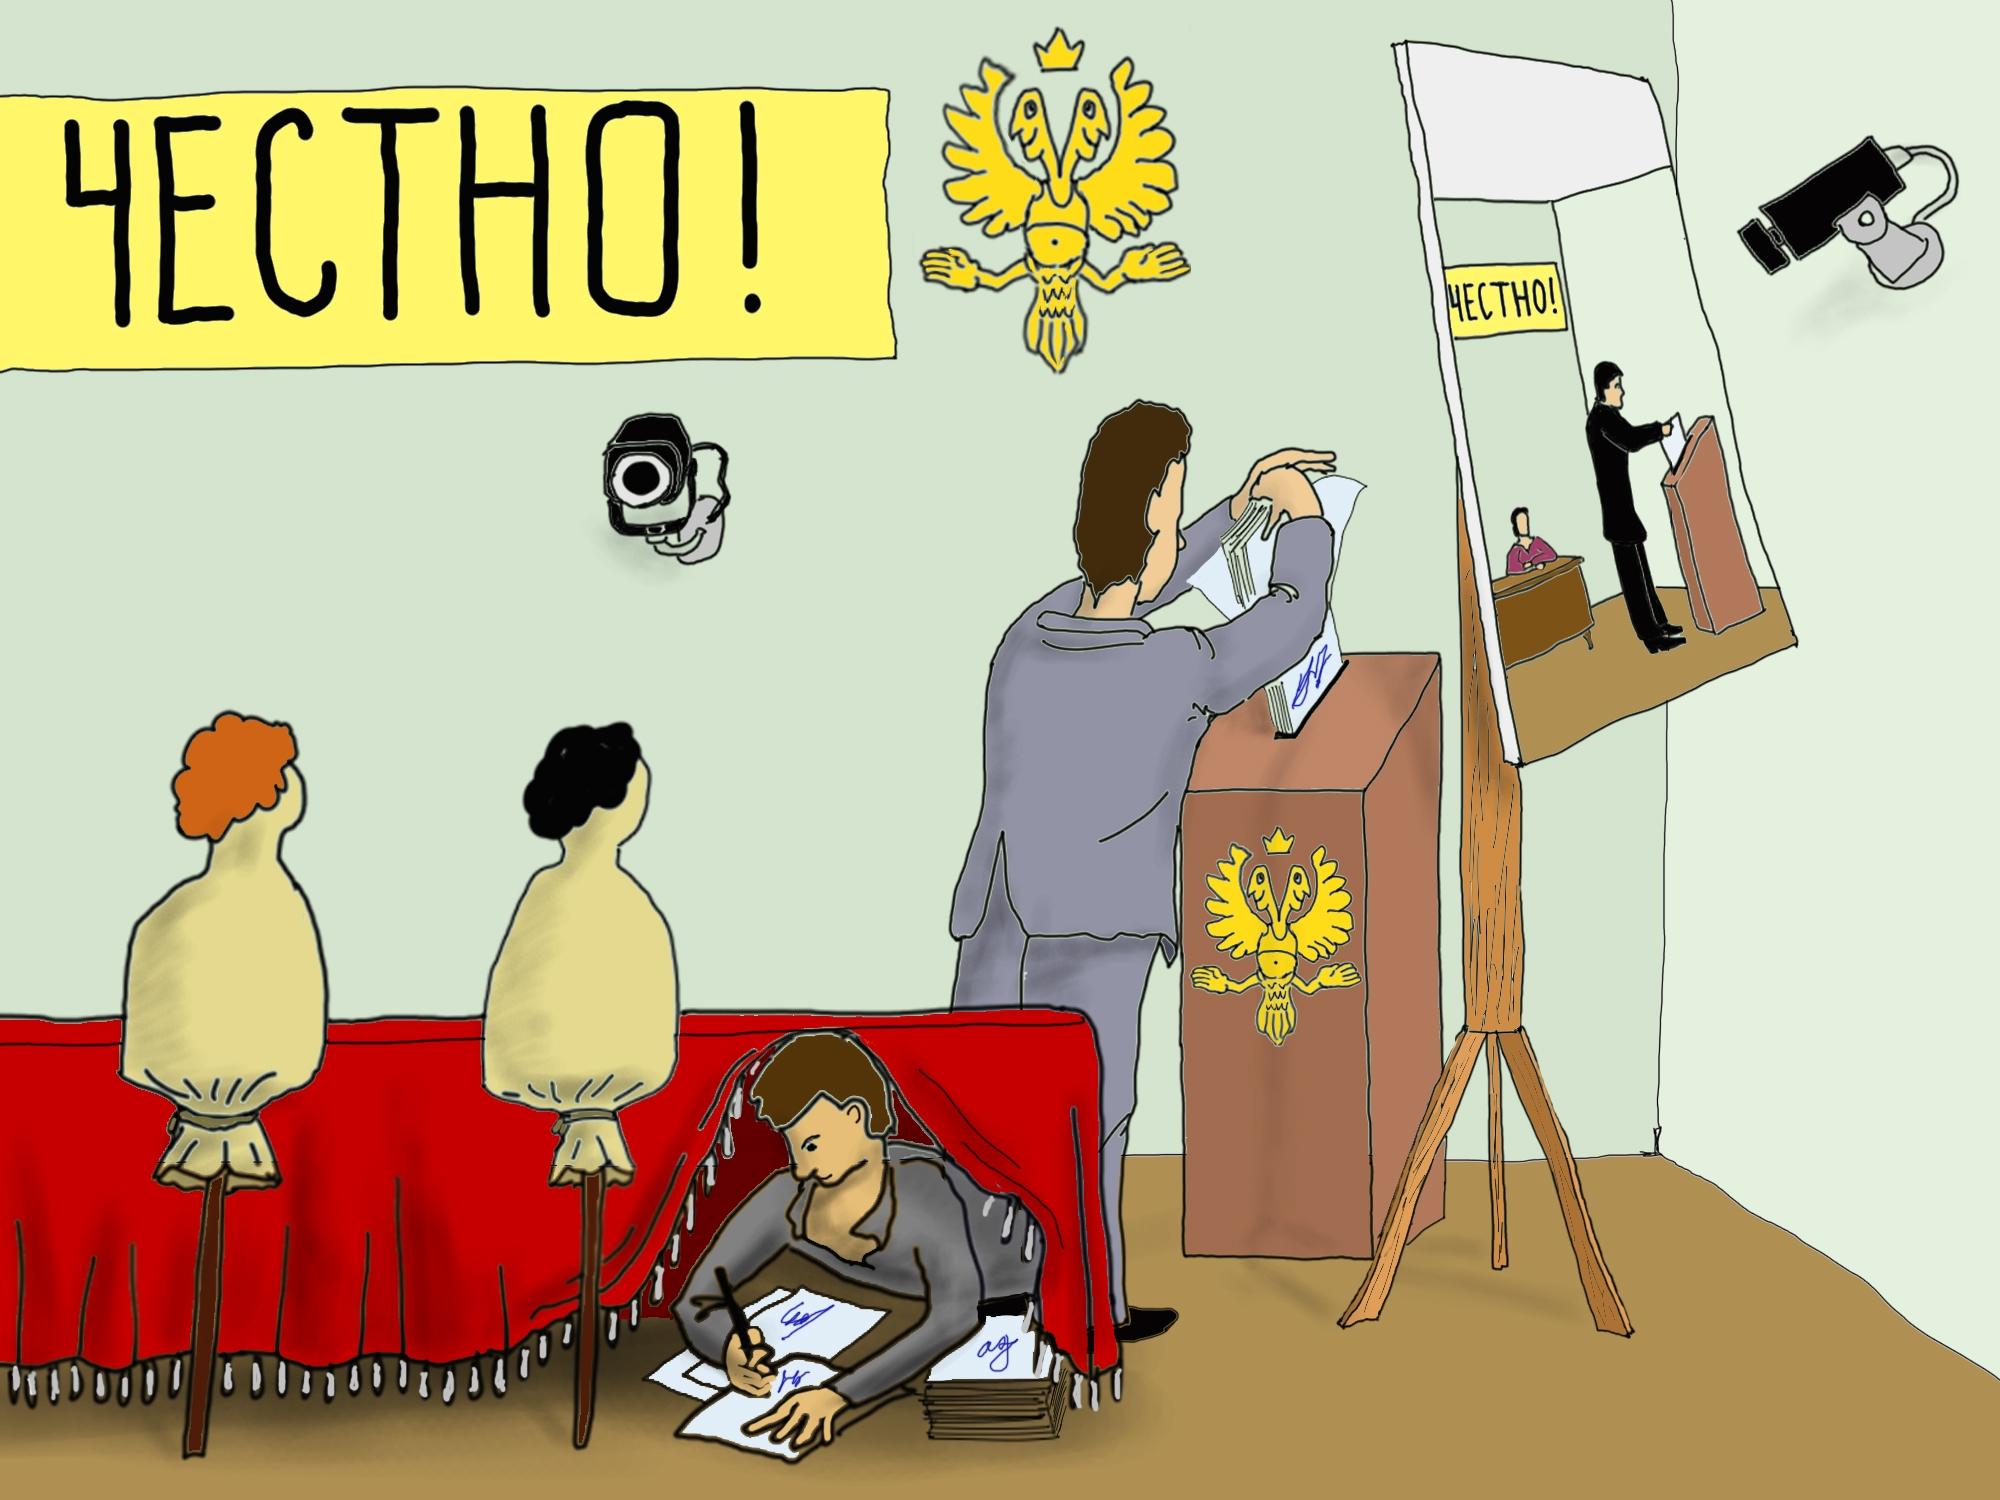 смешные картинки голосуй клубника обязательный